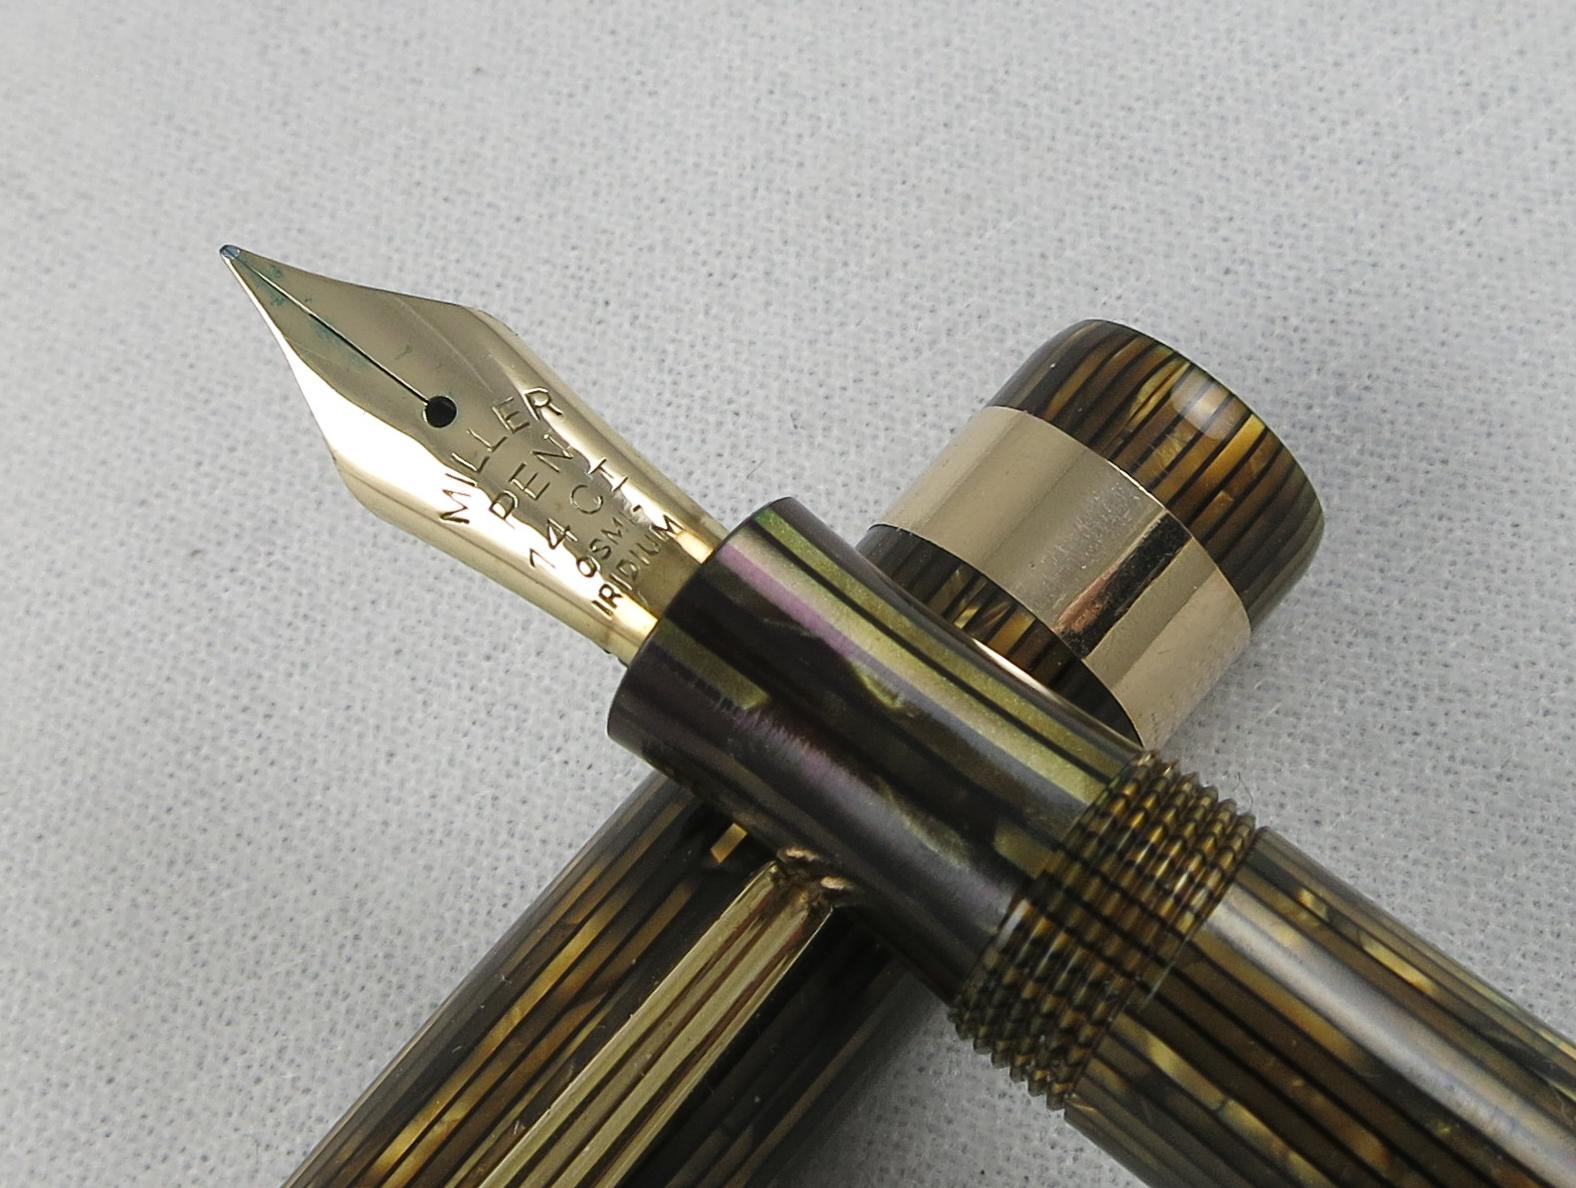 Miller 624 Gold Striated Aerometric Pen (Pen 2239) - ON HOLD